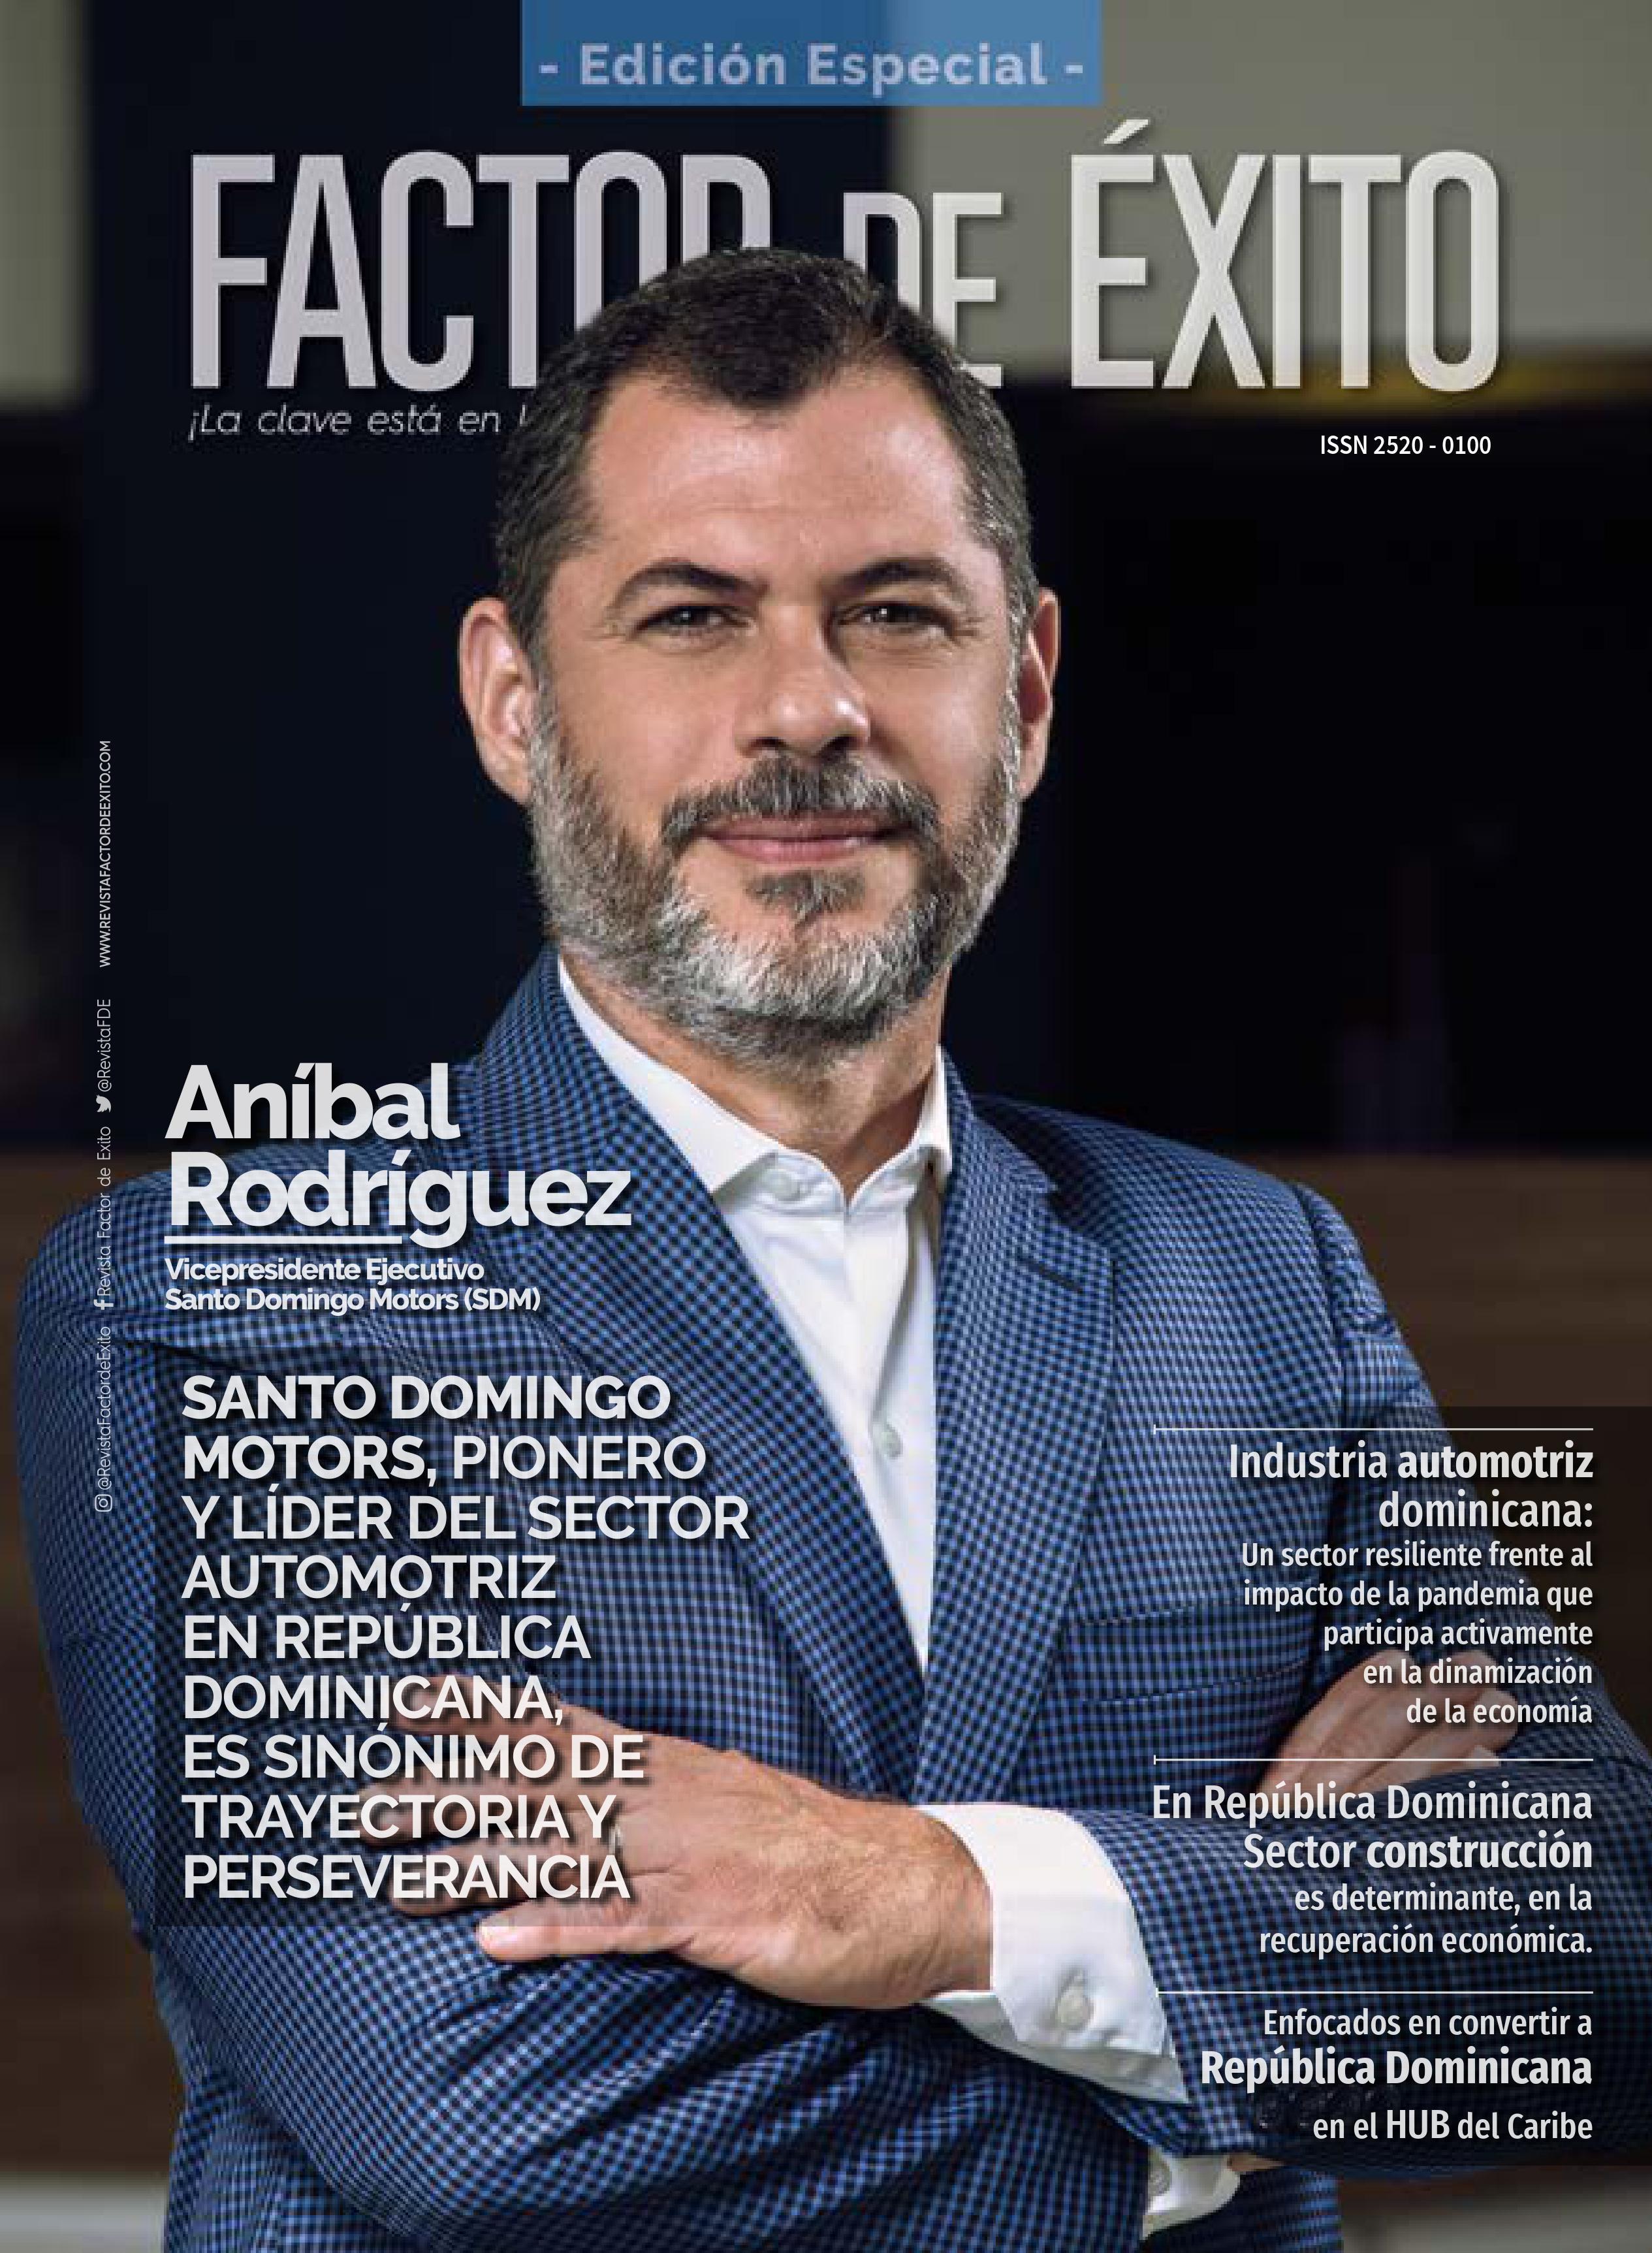 Revista Factor de Éxito - Sectores claves para el reimpulso económico